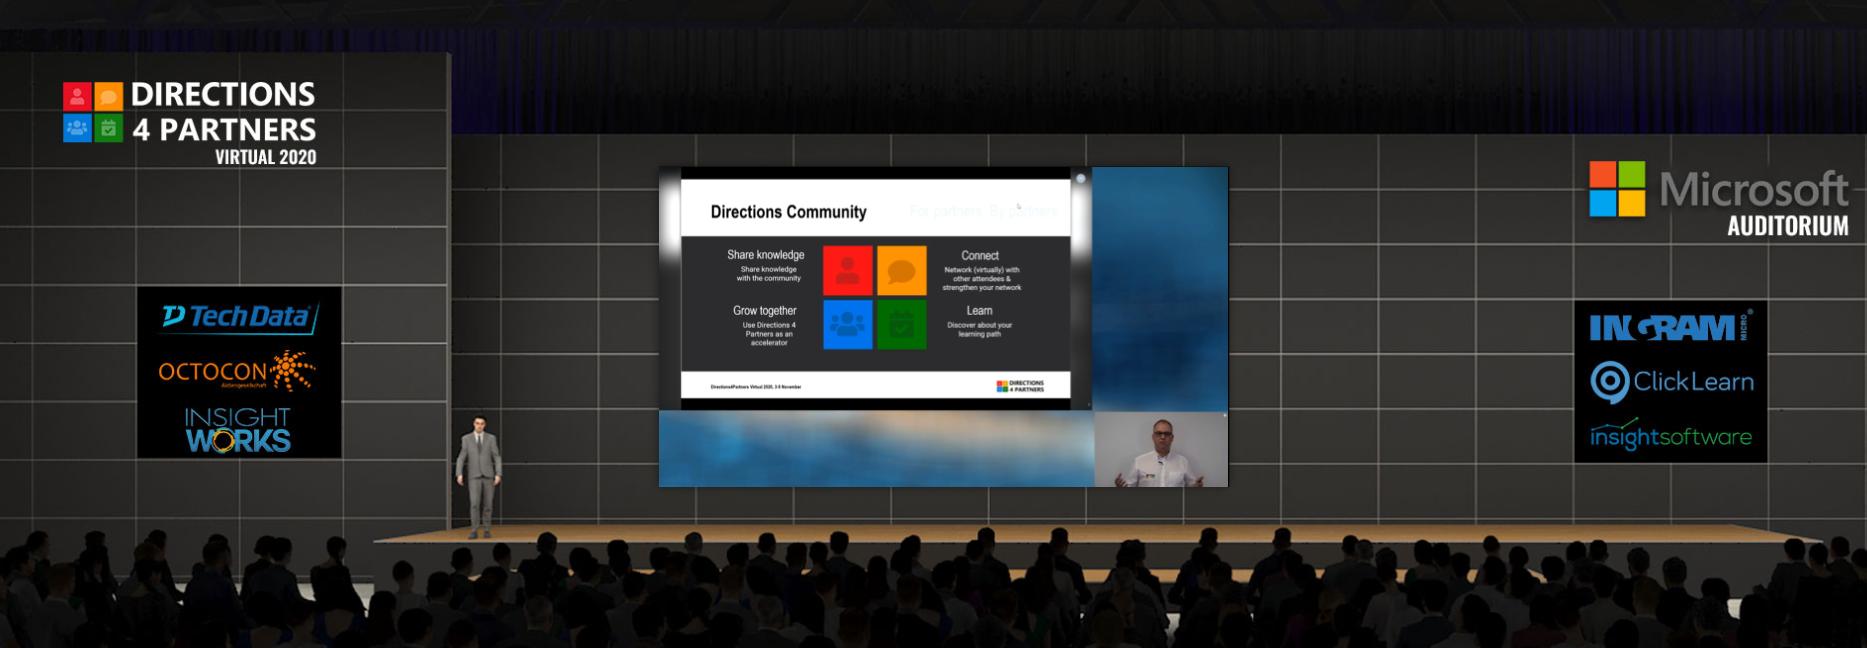 Die 6 wichtigsten Neuigkeiten von der Microsoft Dynamics Partnerkonferenz #Directions4PartnersVirtual 2020